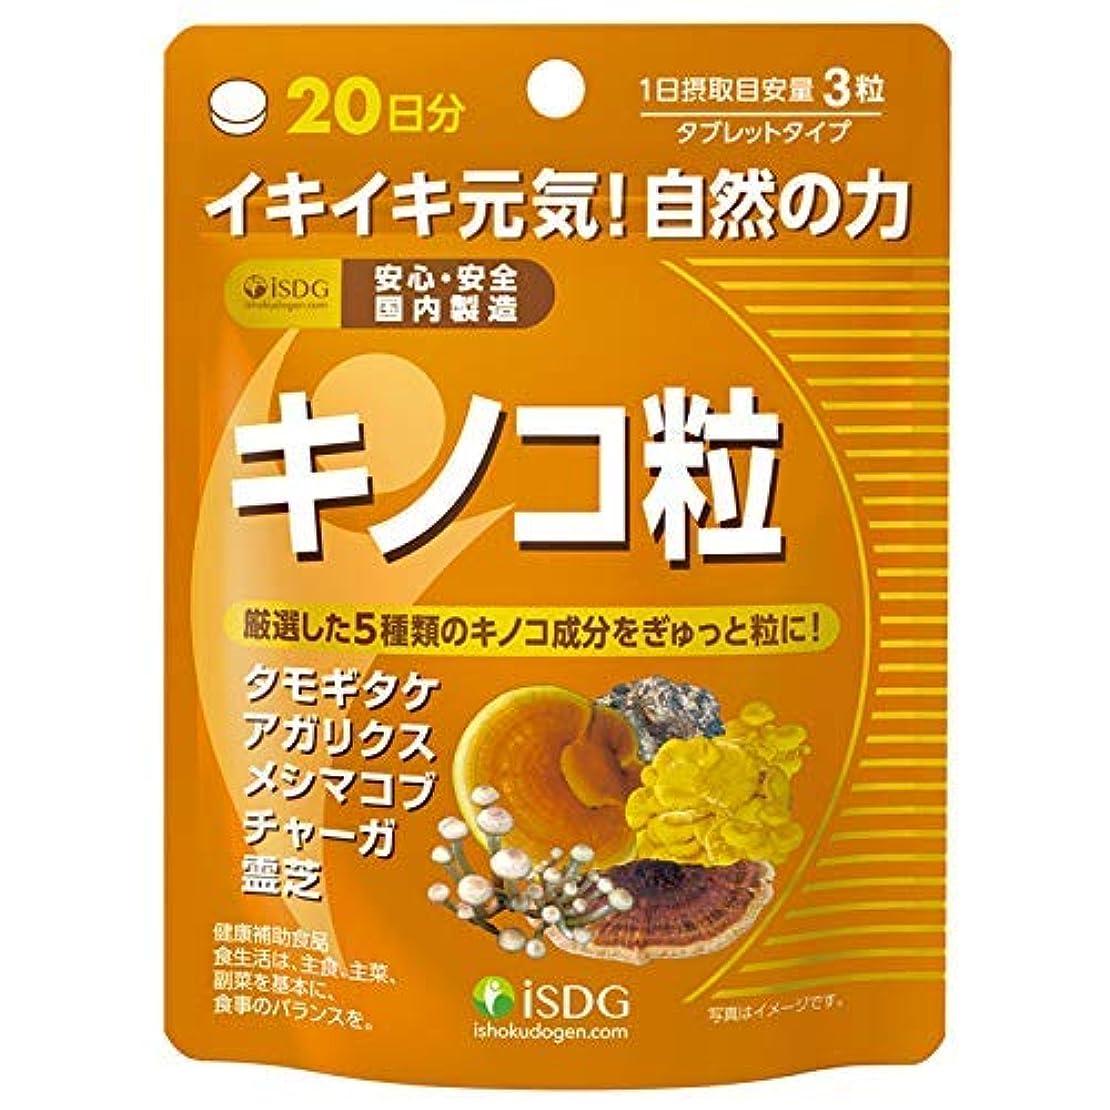 アーチ画面競争力のある医食同源ドットコム ISDG 医食同源 キノコ 60粒×5個セット